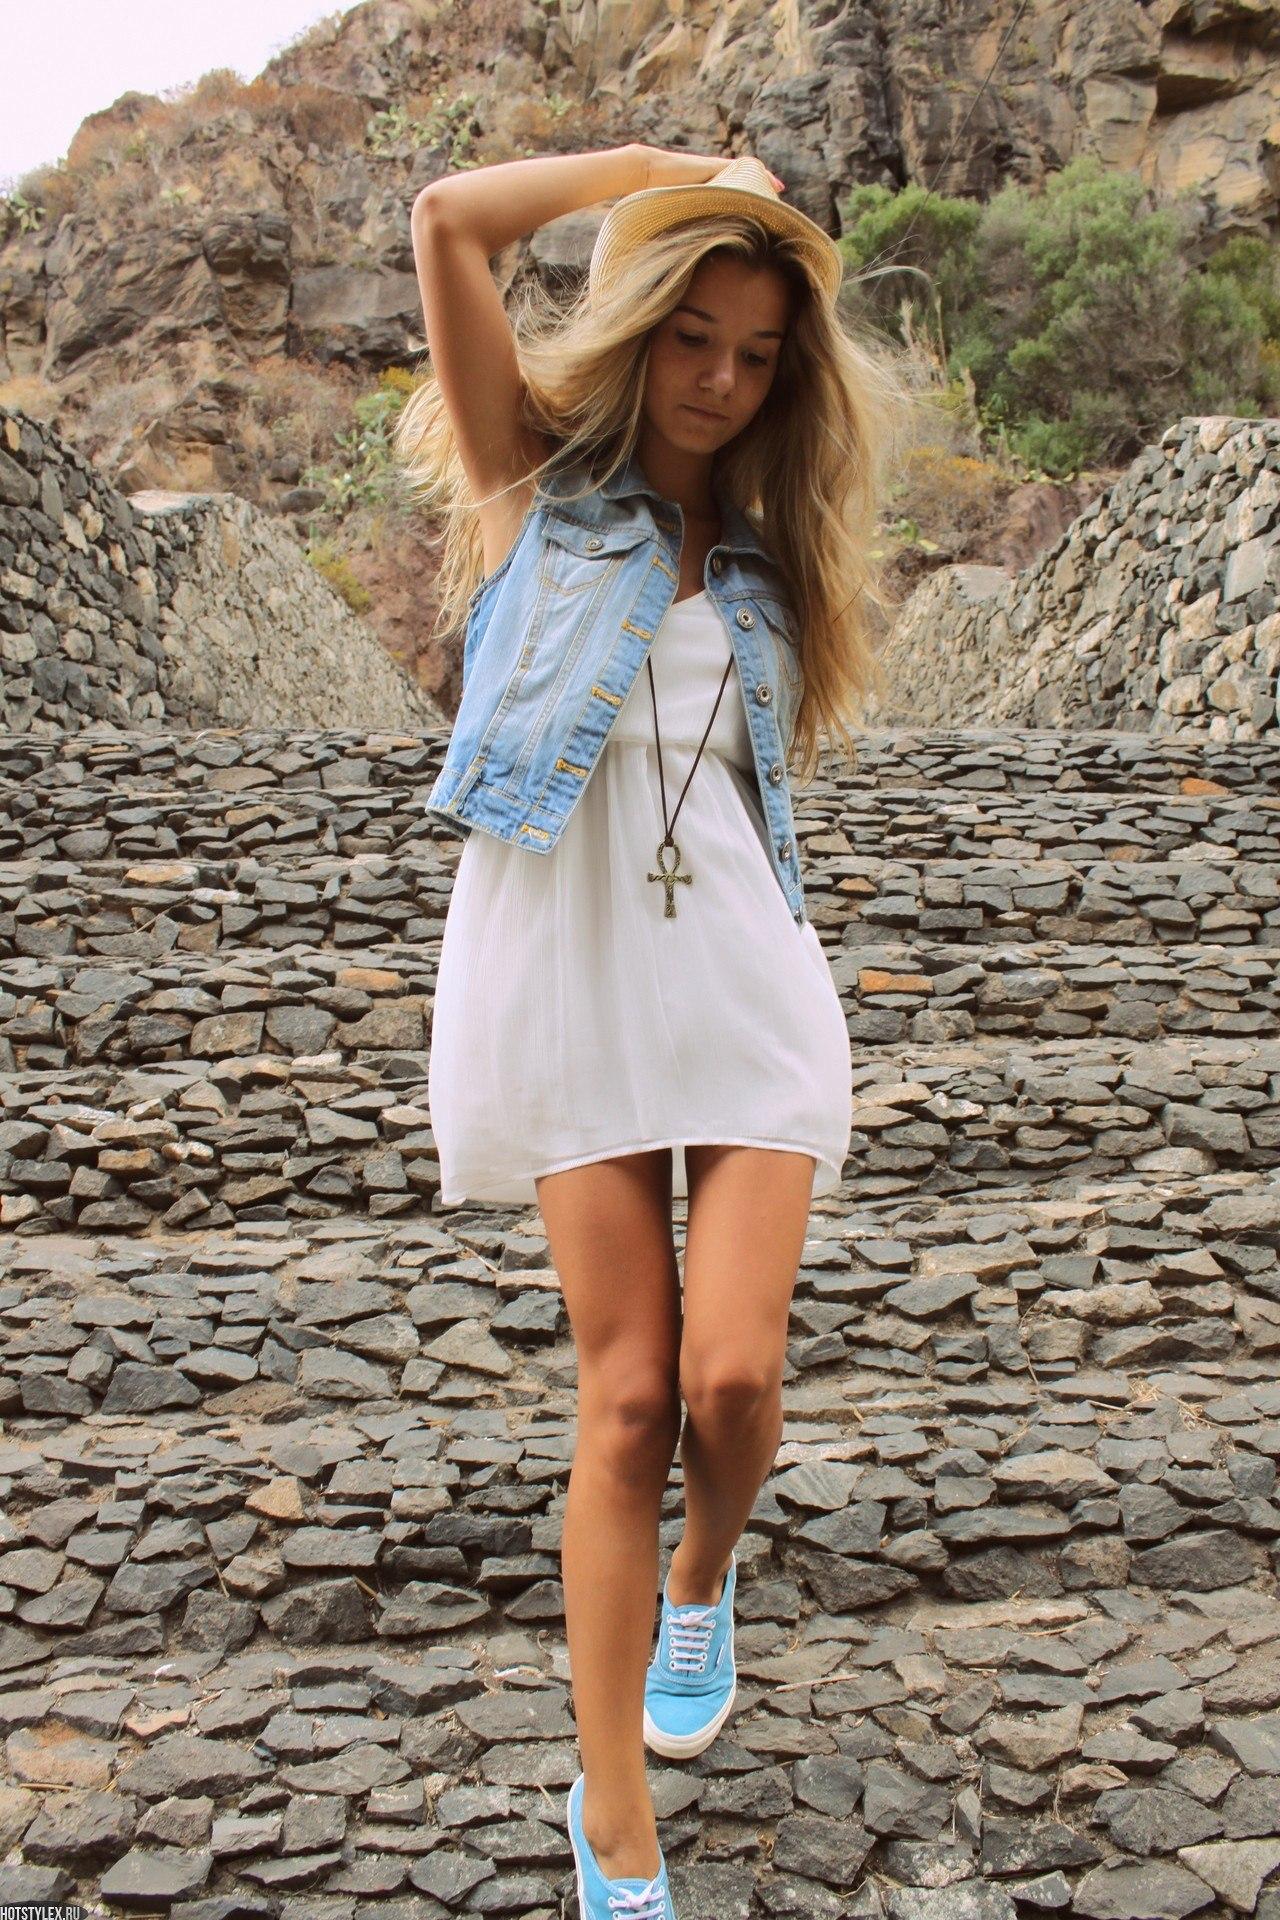 Фото девушек в джинсах и шляпе 22 фотография